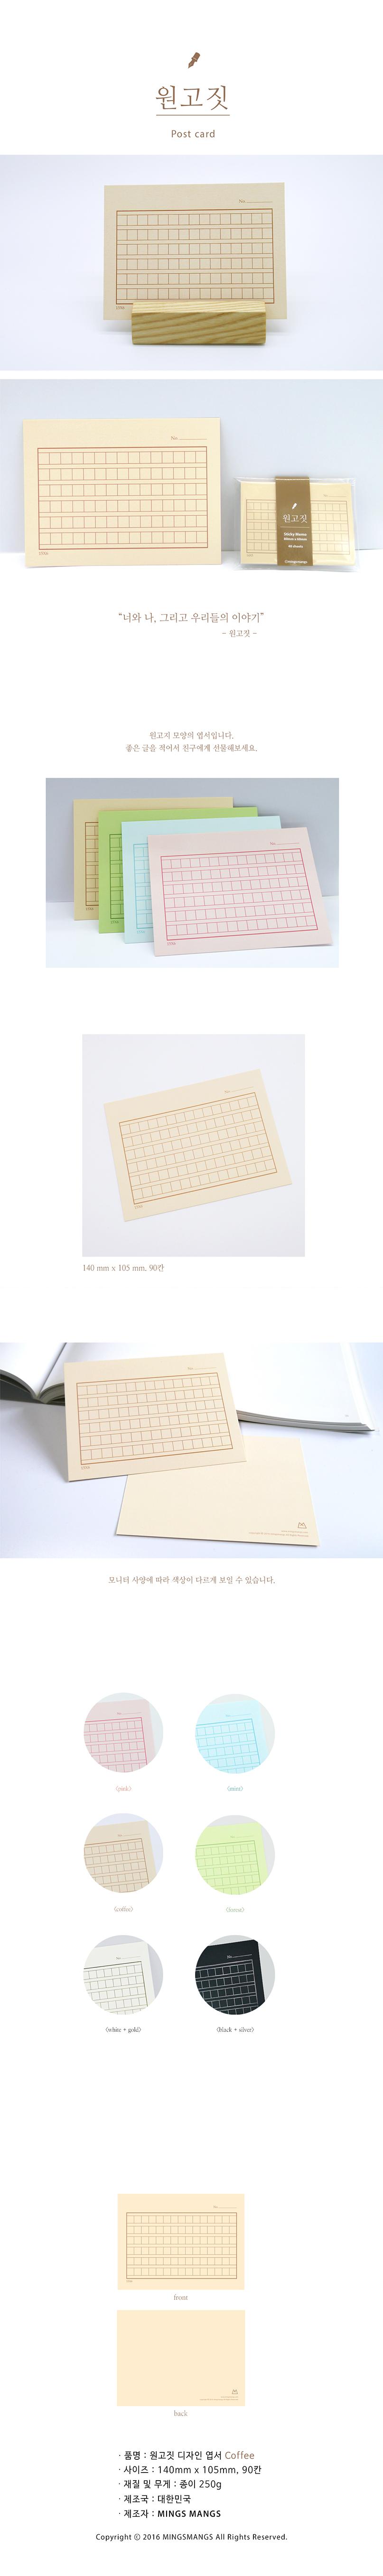 원고짓 엽서 - 원고지 모양 엽서 (커피) - 밍스맹스, 1,500원, 엽서, 심플